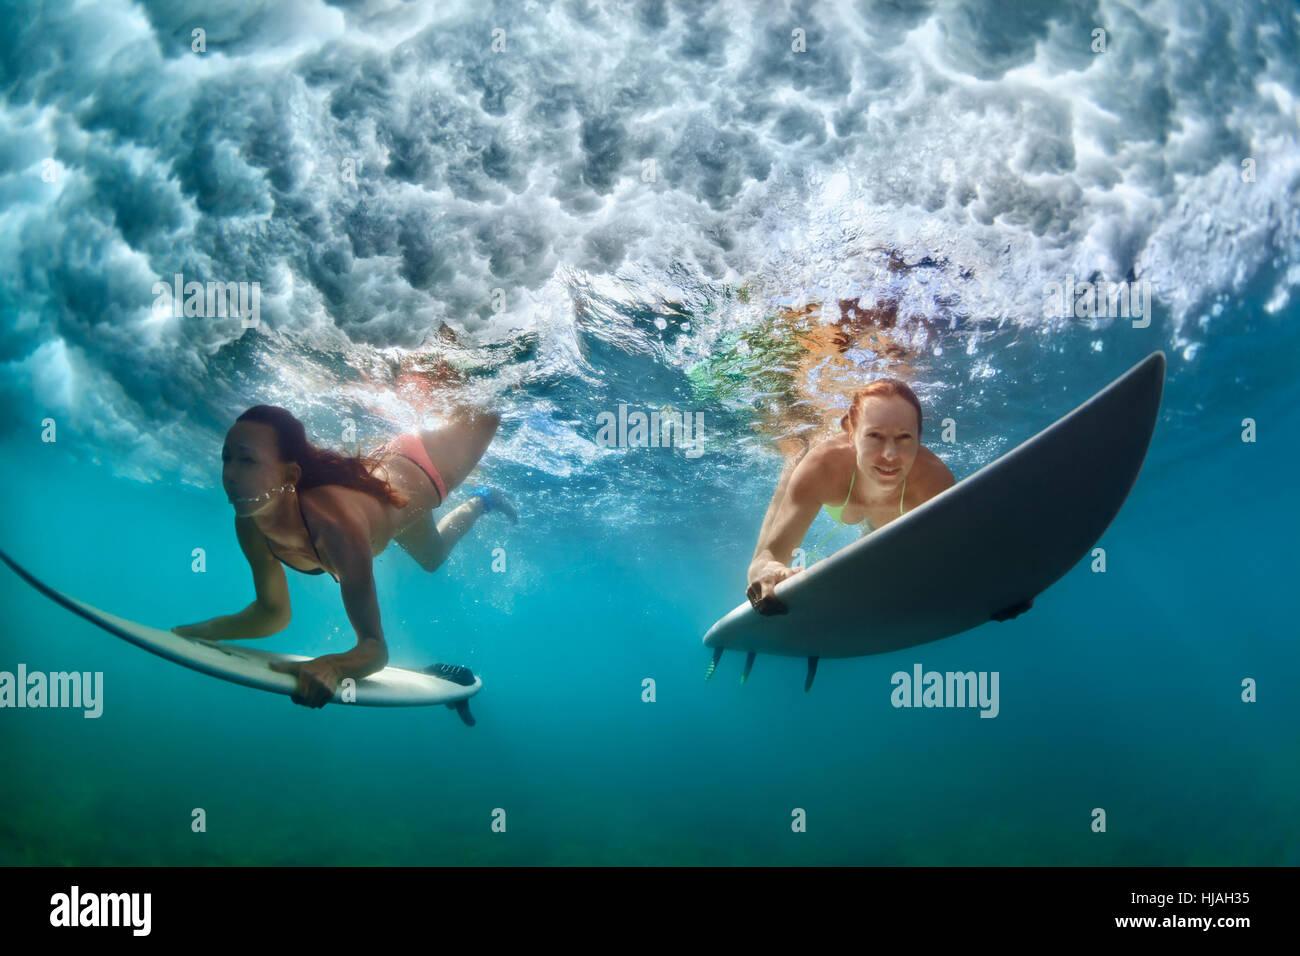 Gruppe von aktiven Mädchen in Aktion. Frauen der Surfer mit Surfbrett Tauchen unter Wasser unter brechende Stockbild